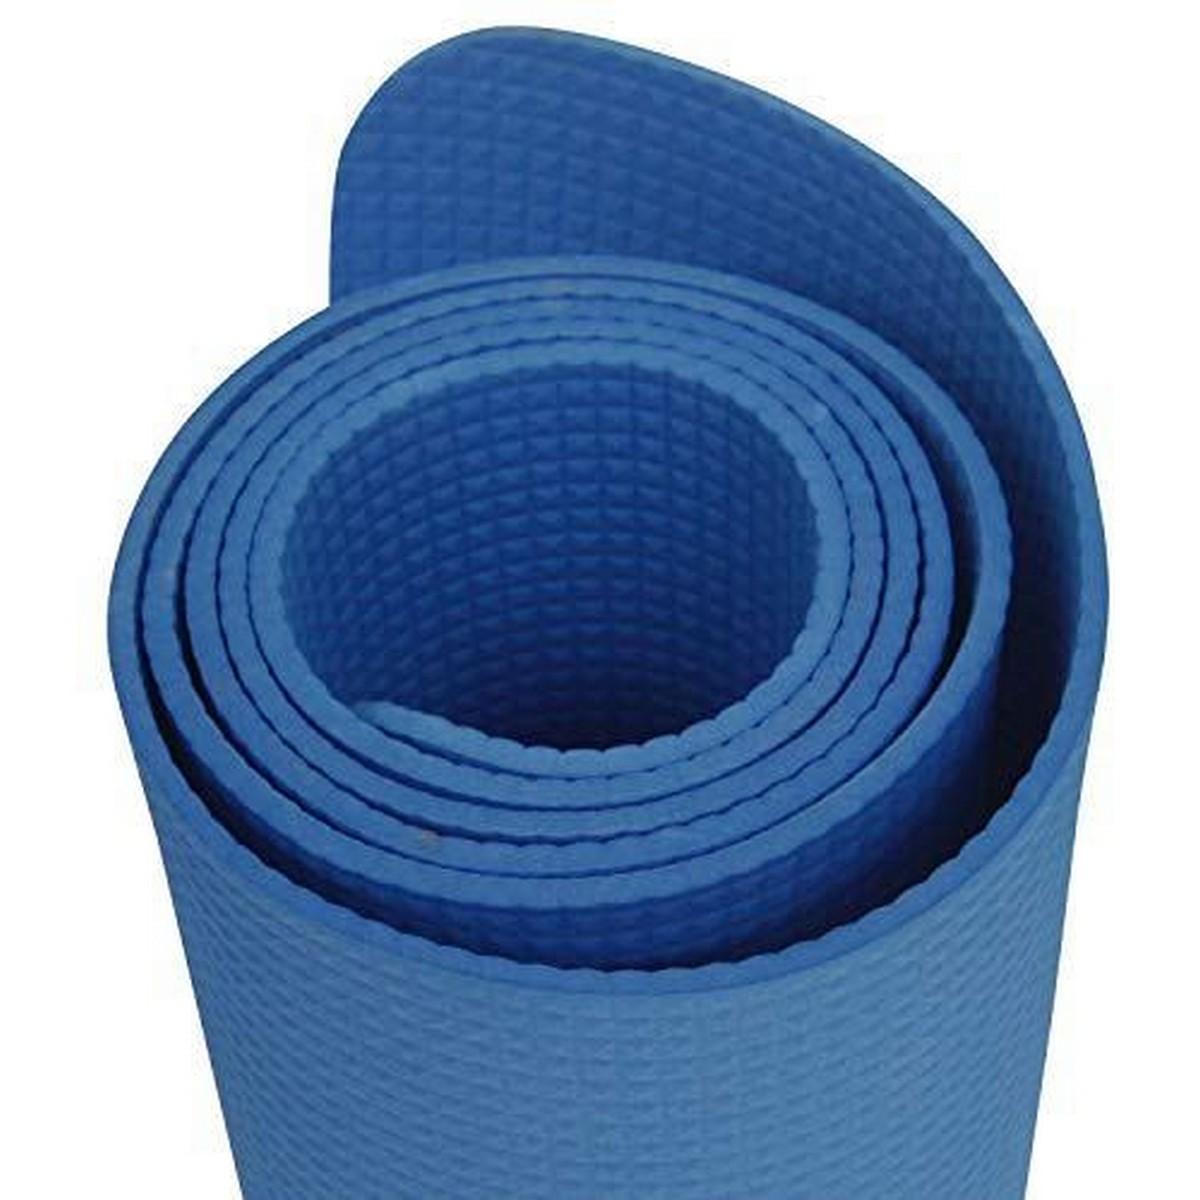 Exercise & Fitness Yoga Matt 5mm